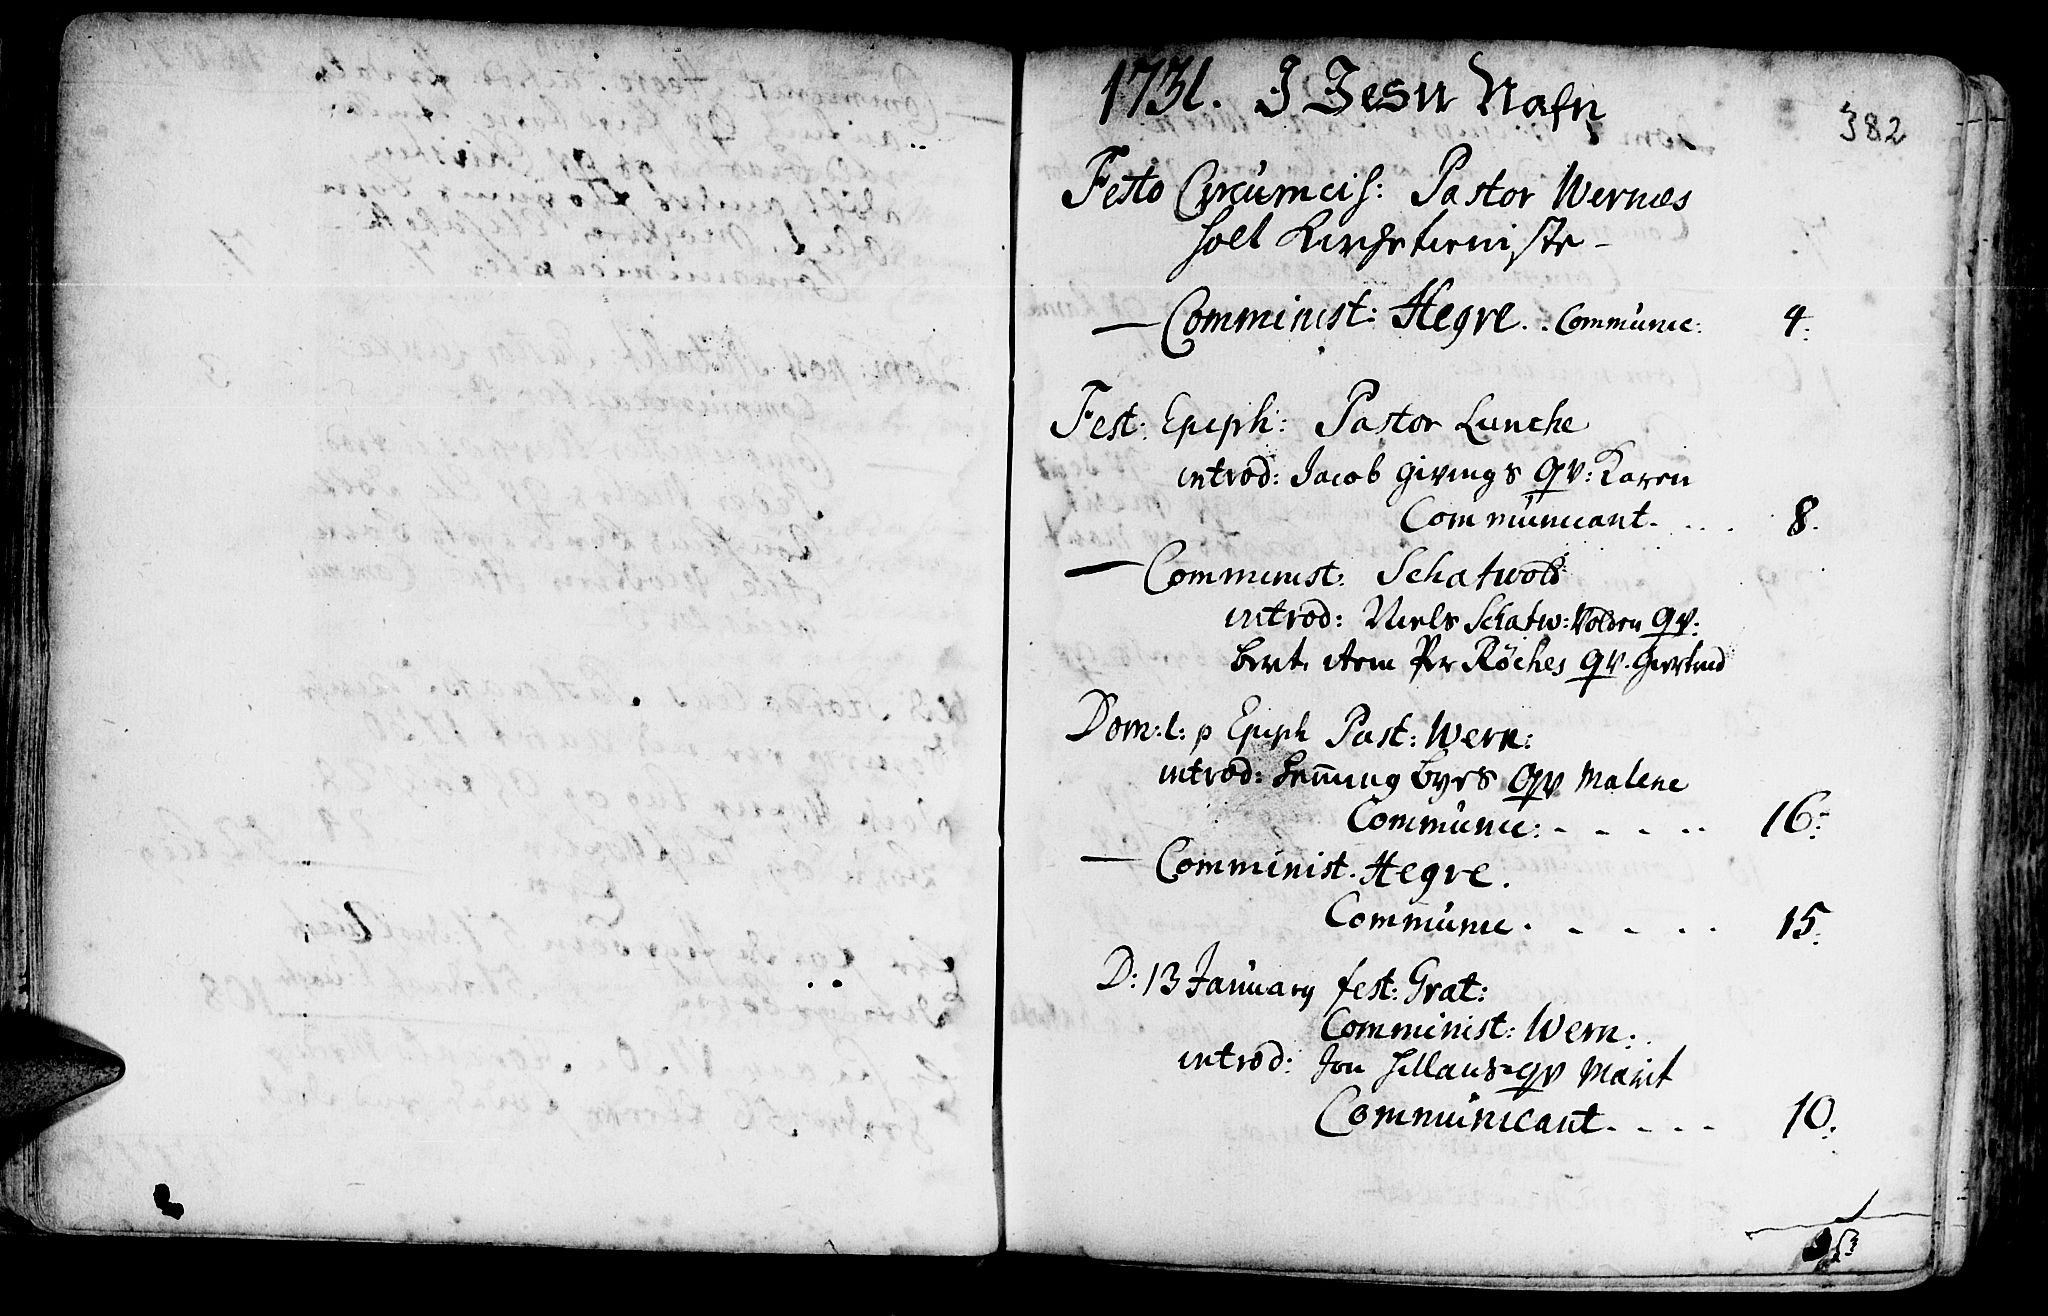 SAT, Ministerialprotokoller, klokkerbøker og fødselsregistre - Nord-Trøndelag, 709/L0054: Ministerialbok nr. 709A02, 1714-1738, s. 381-382